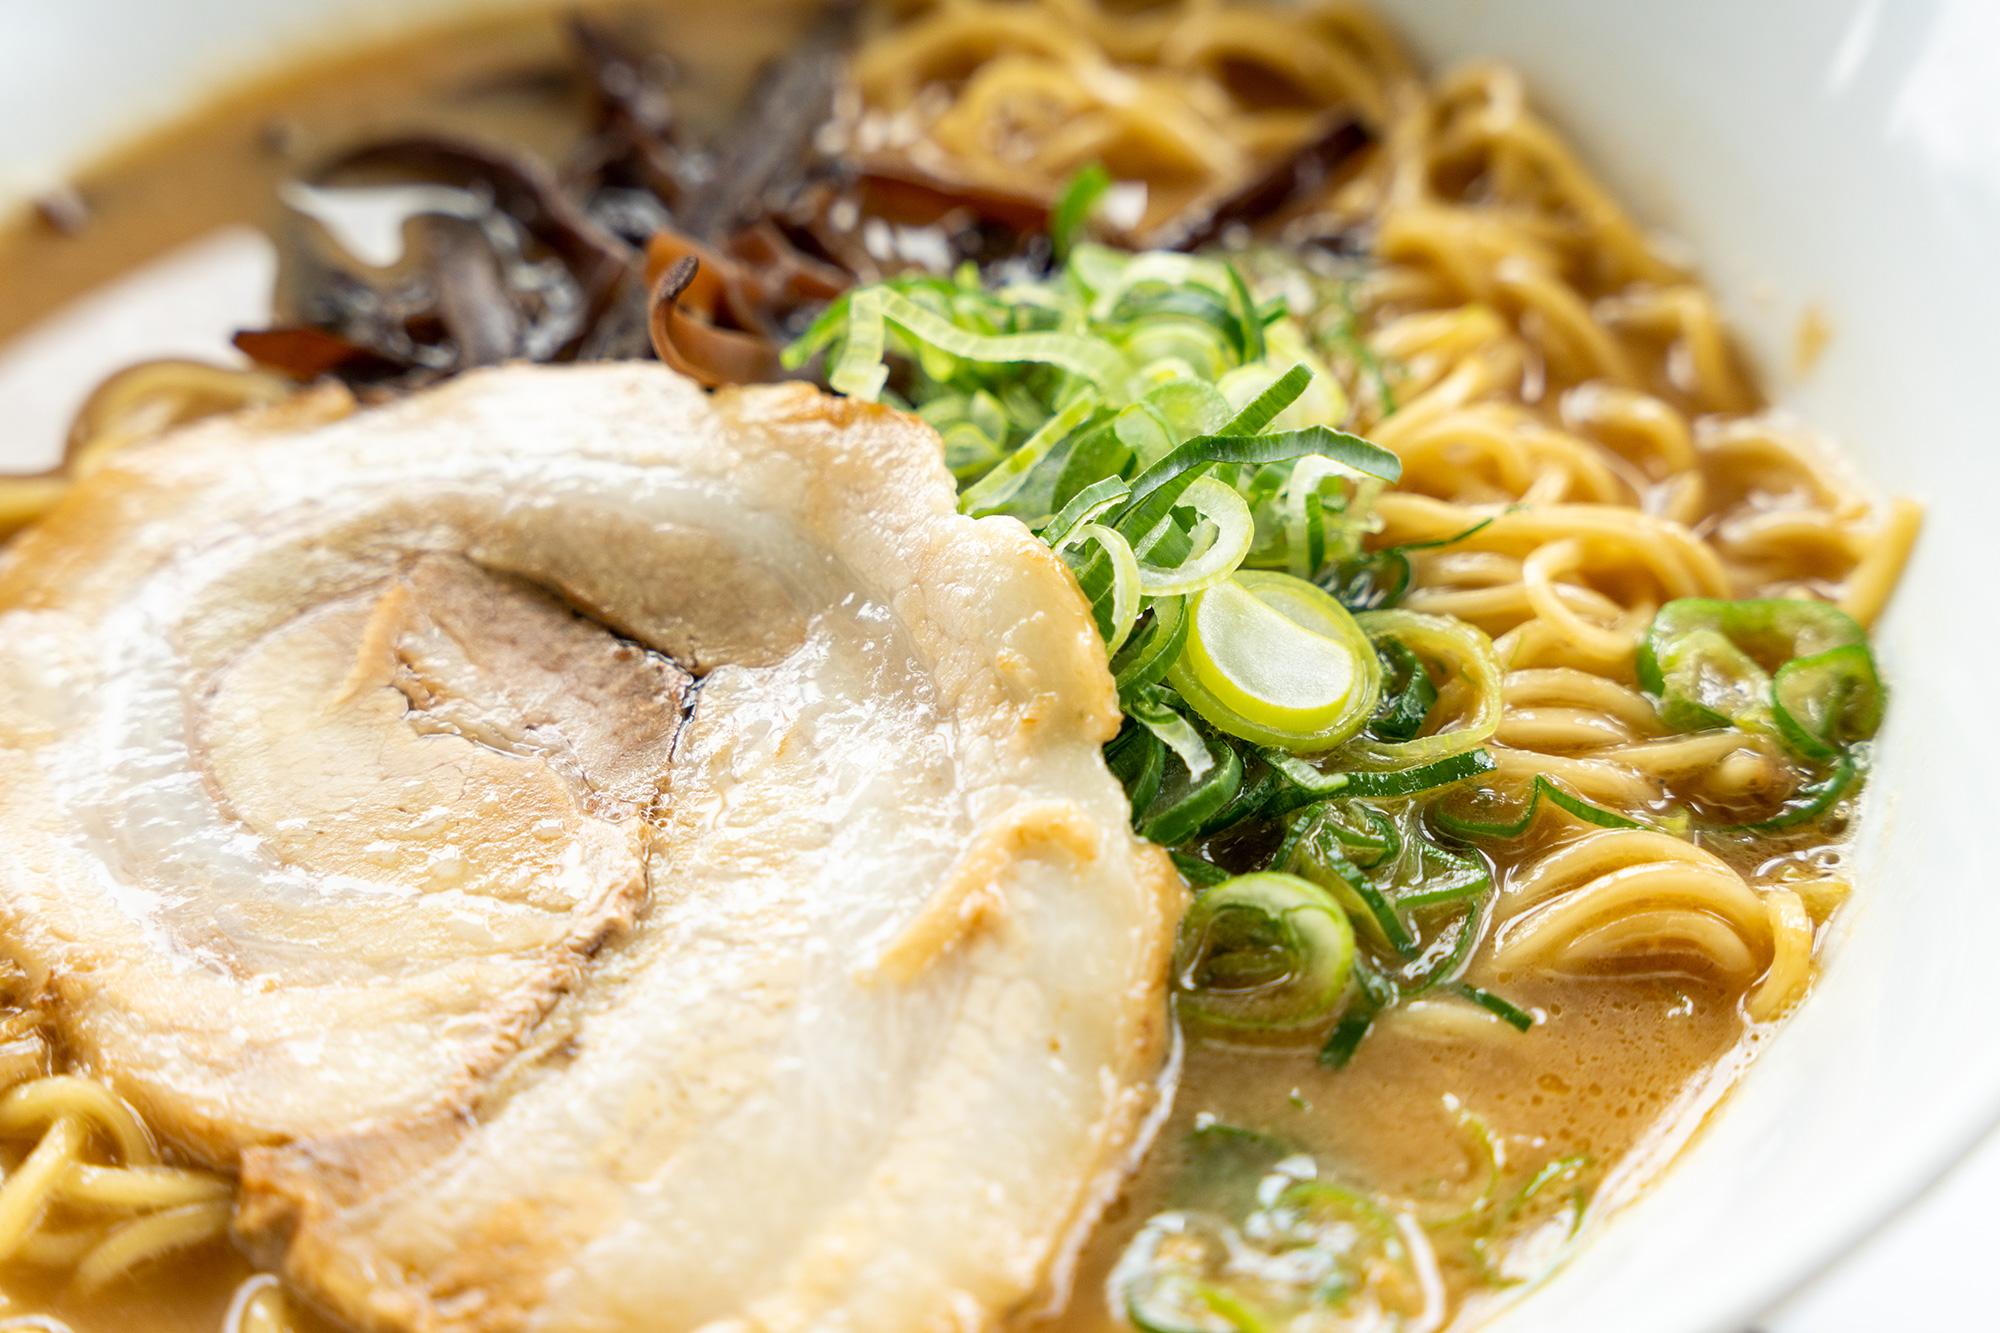 金武町の麺処千代のラーメン